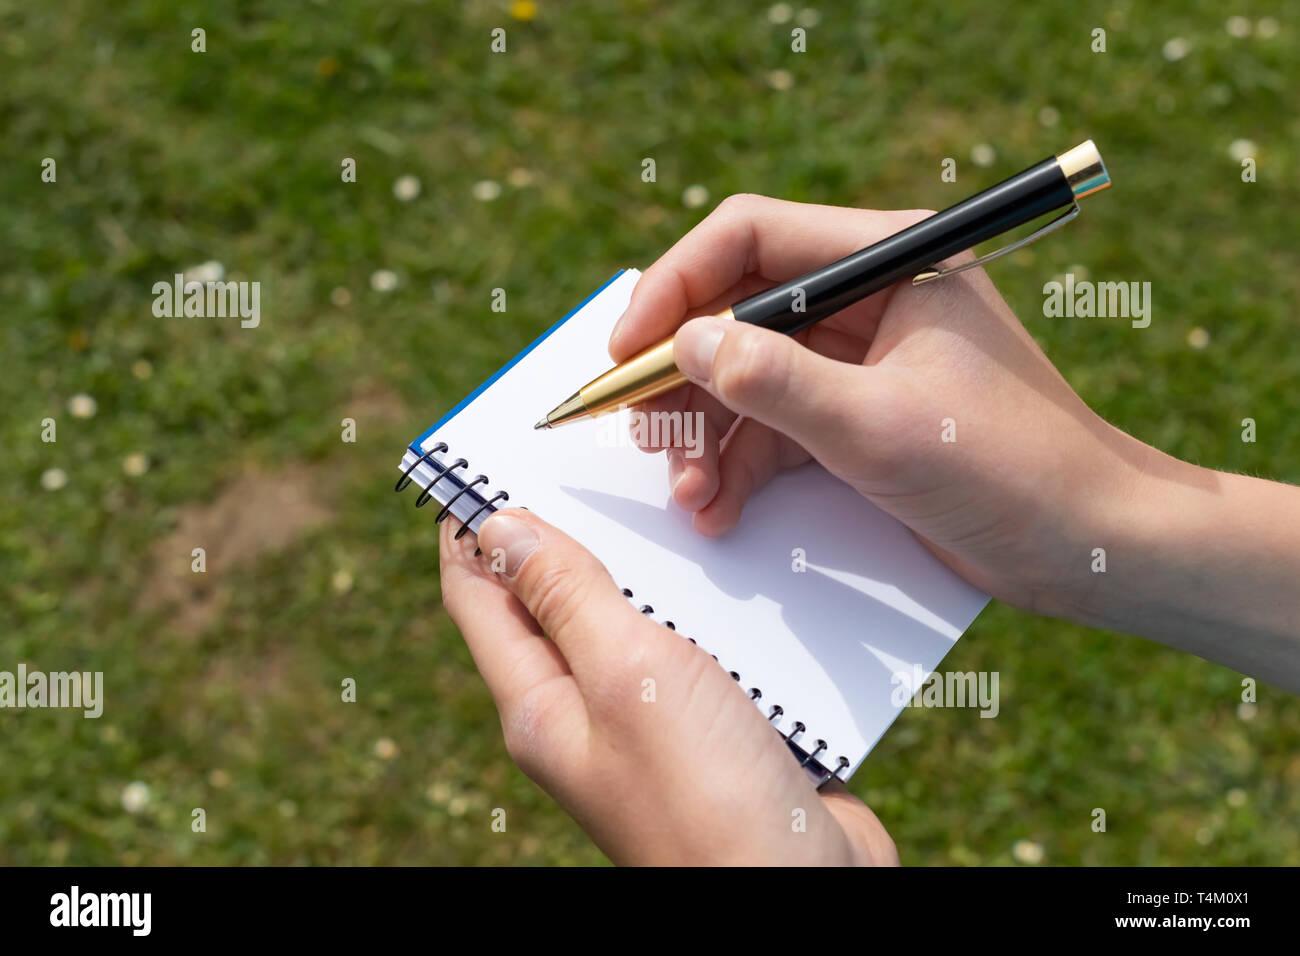 Boy's Hand mit einem gelb-schwarzen Stift über einem offenen Notepad auf dem Hintergrund des grünen Grases und weißen Blumen im Park. Sauberes weißes Blatt. Zu w Stockfoto